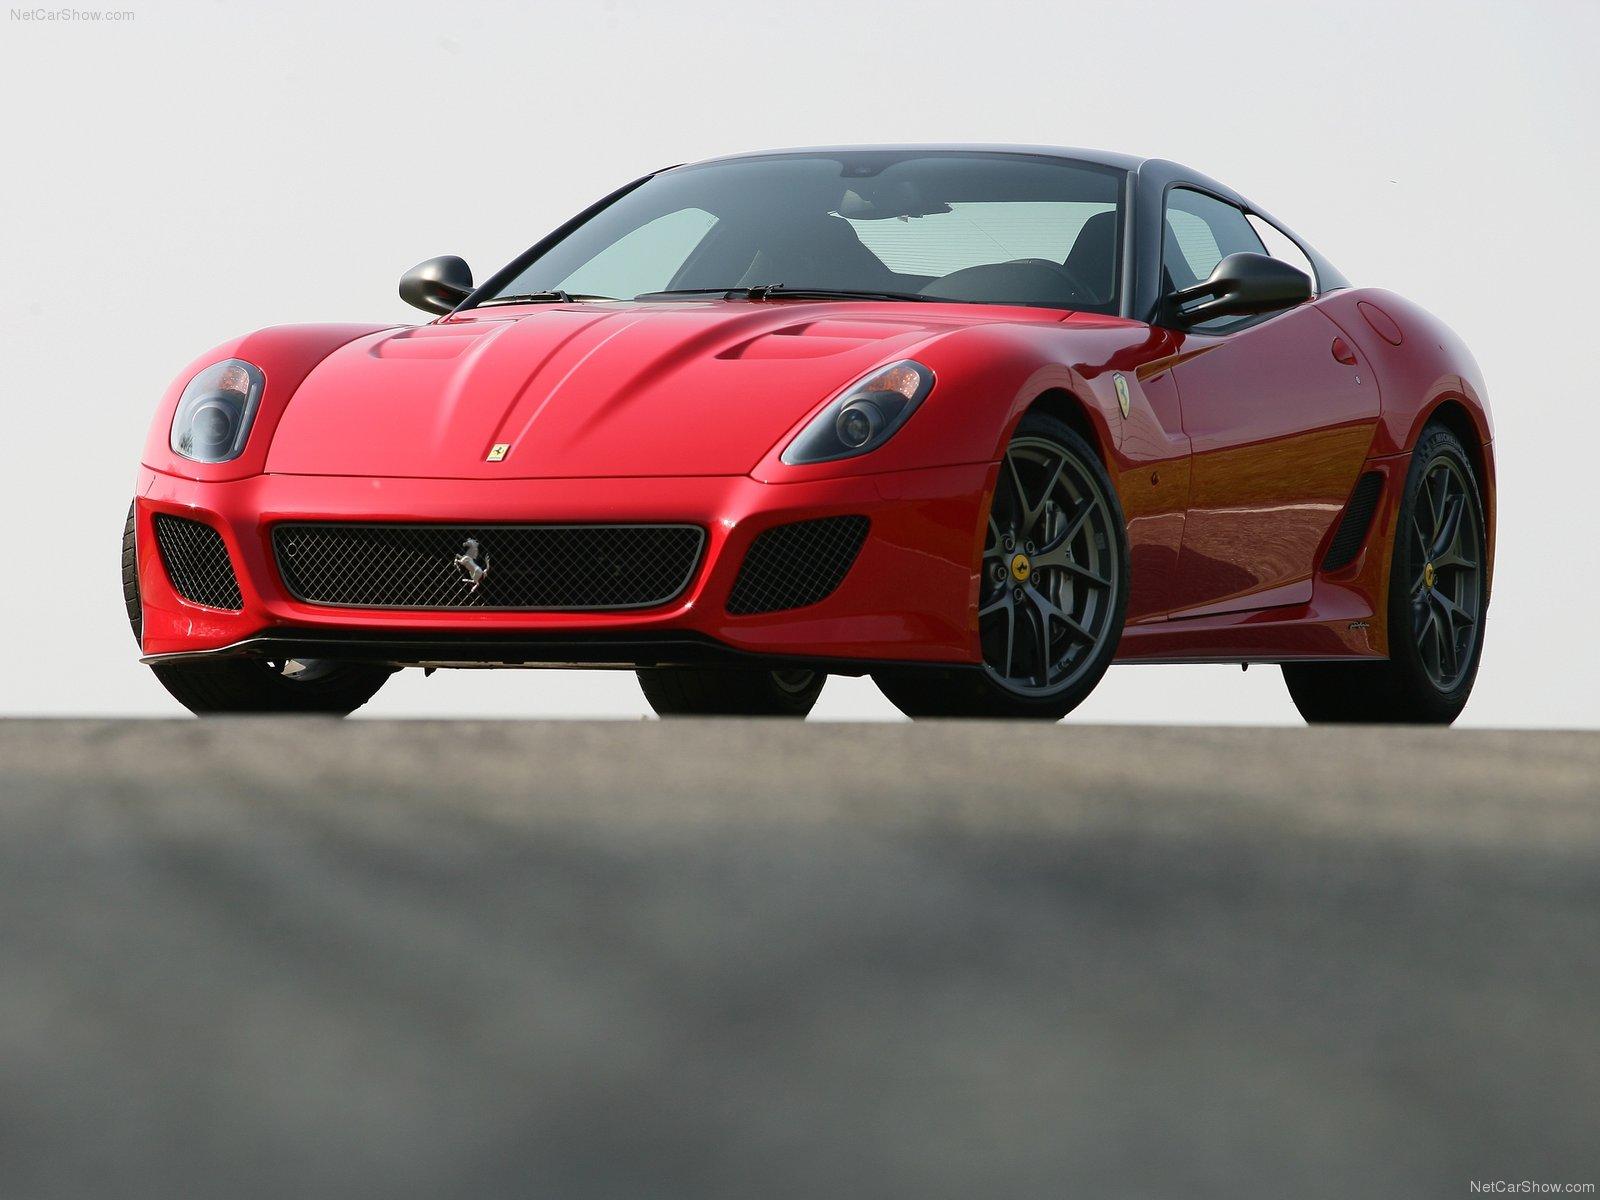 Ferrari+599xx+gto